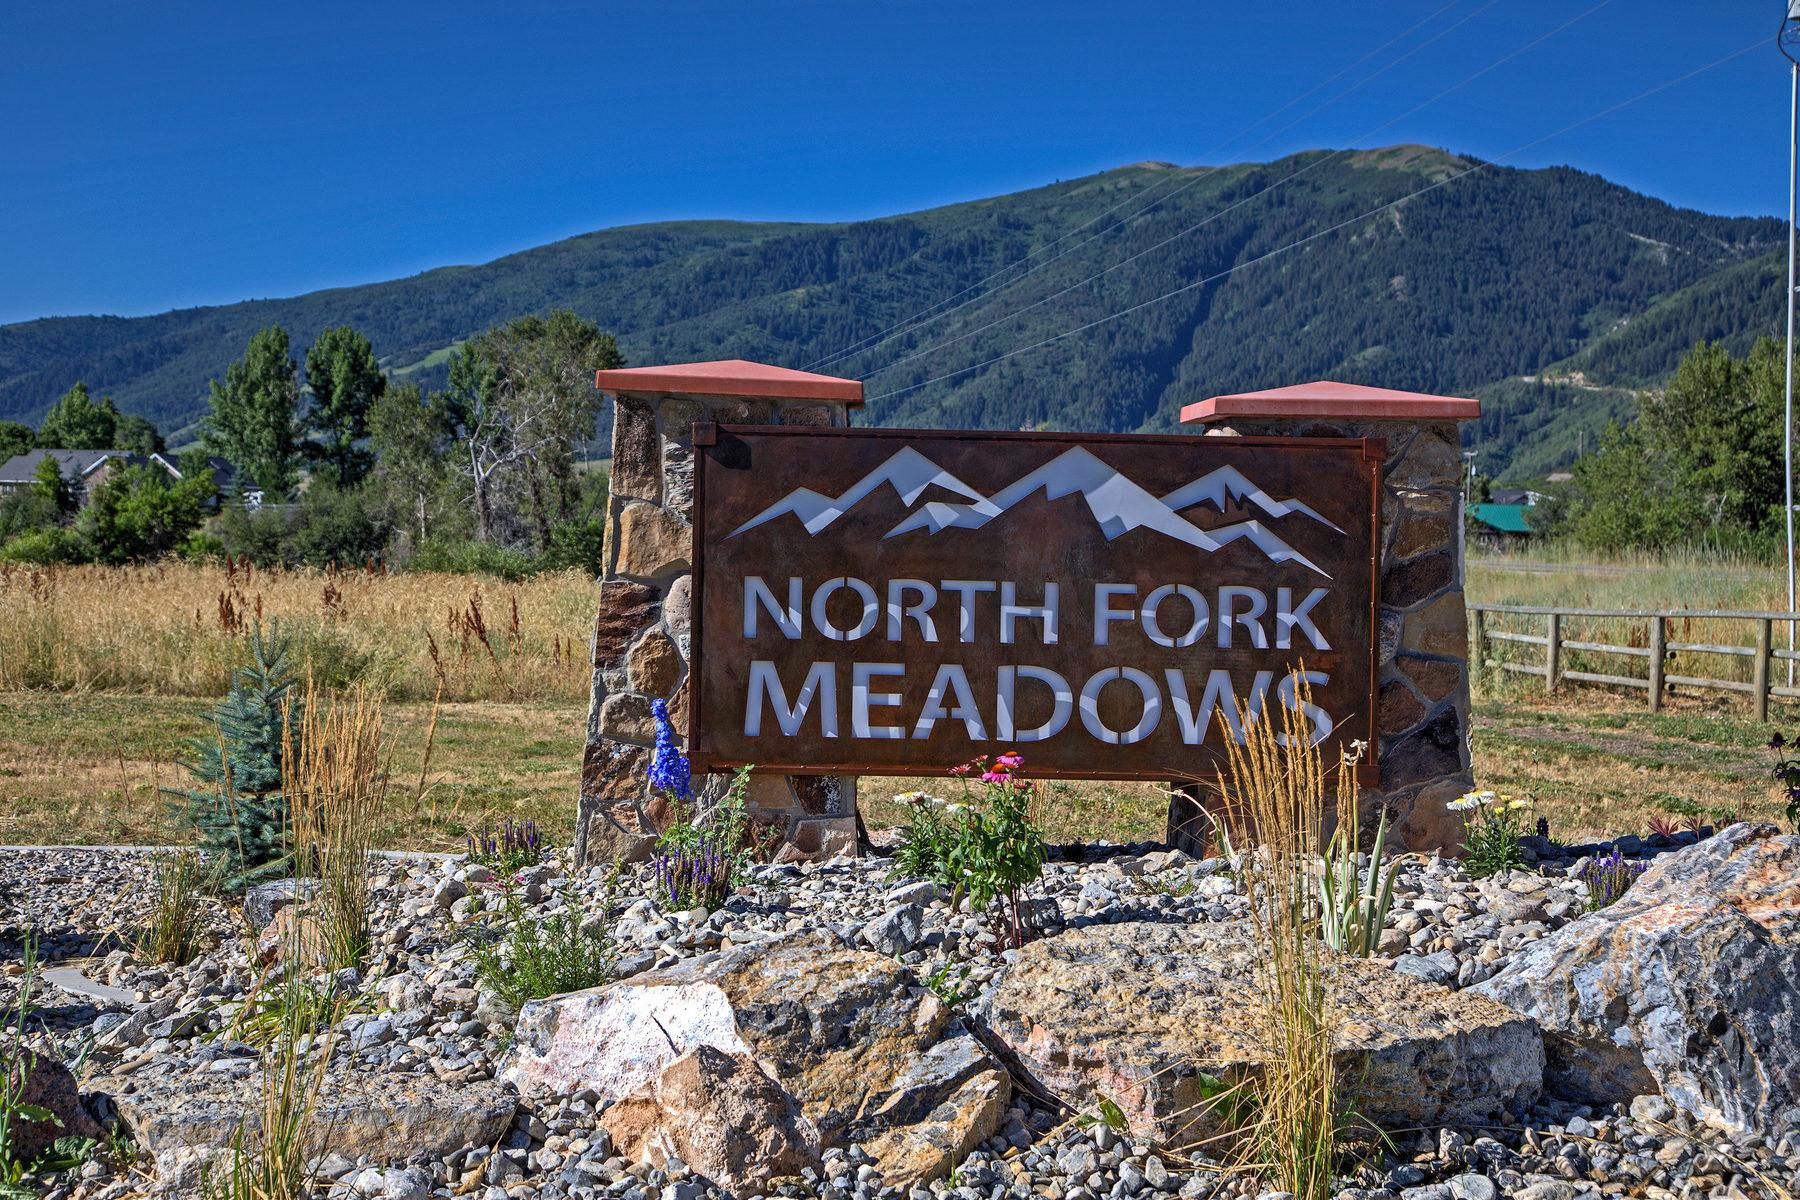 Terreno por un Venta en Build Your Dream Home in Eden Utah 3151 East 5225 North Lot 11 Eden, Utah, 84310 Estados Unidos